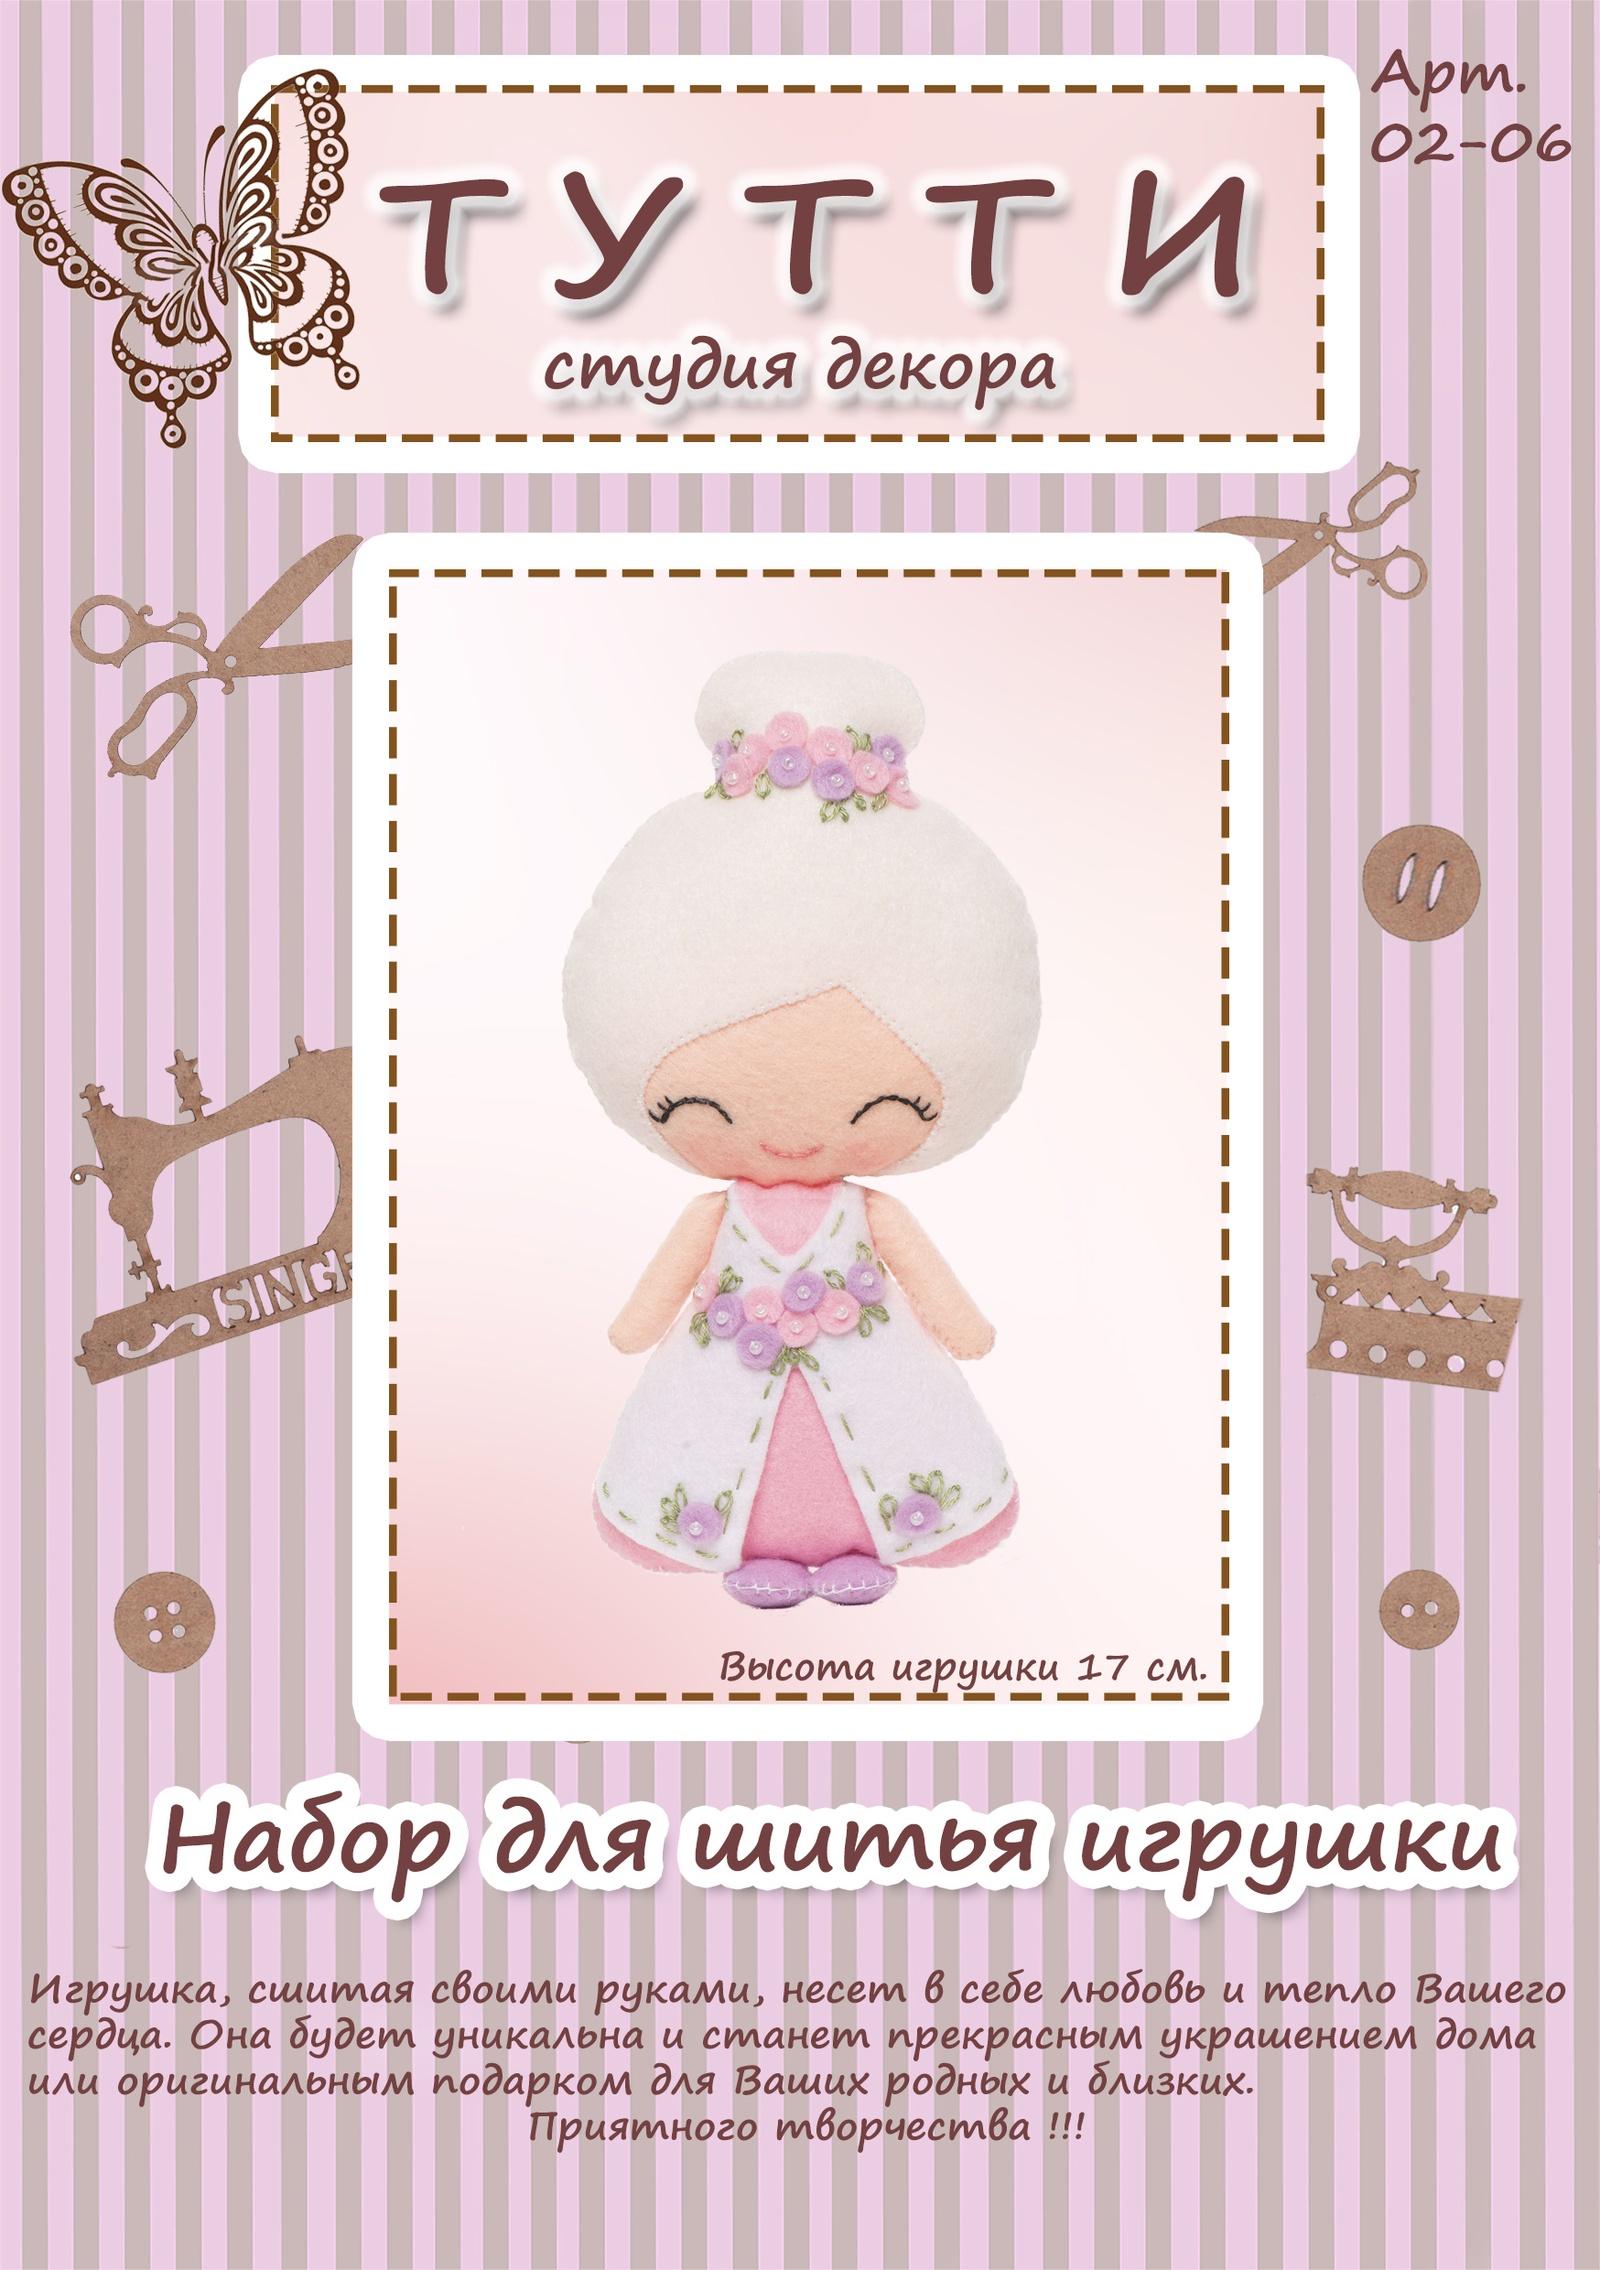 Набор для шитья игрушки из фетра Тутти Принцесса Бэлла, 02-06 наборы из фетра в пакете с хедером четырехлистники 11 21136 15